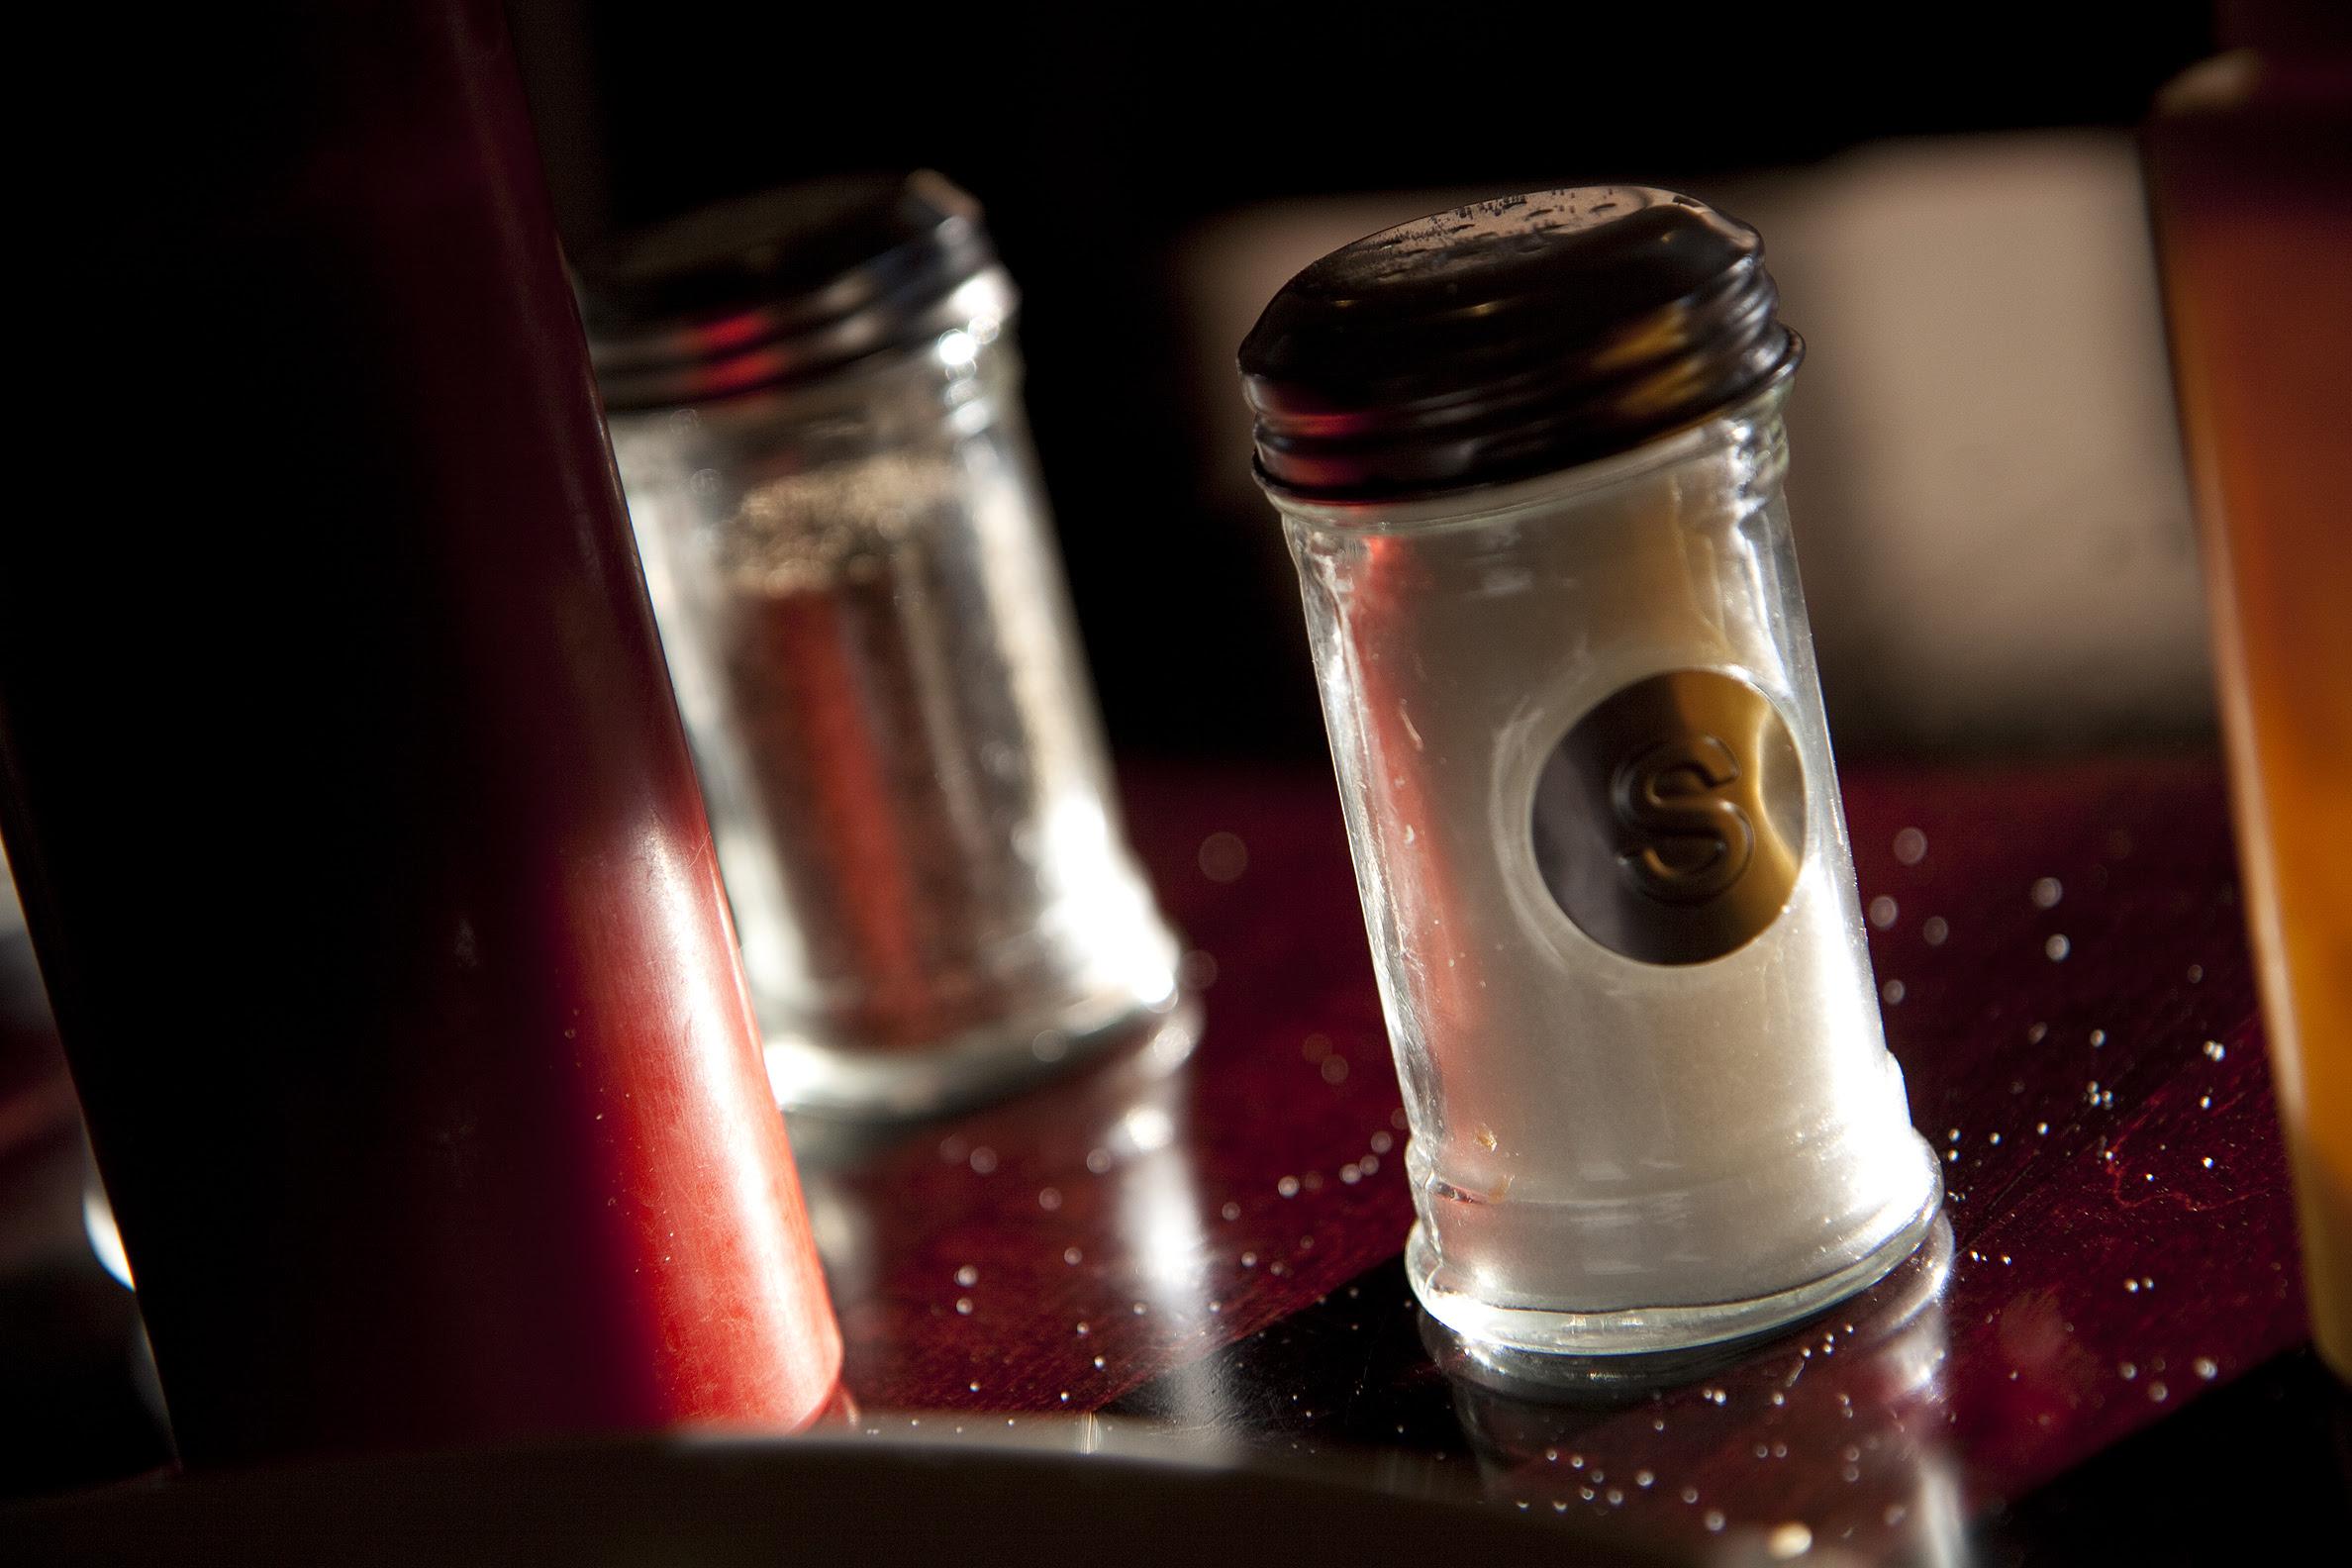 shaker of salt